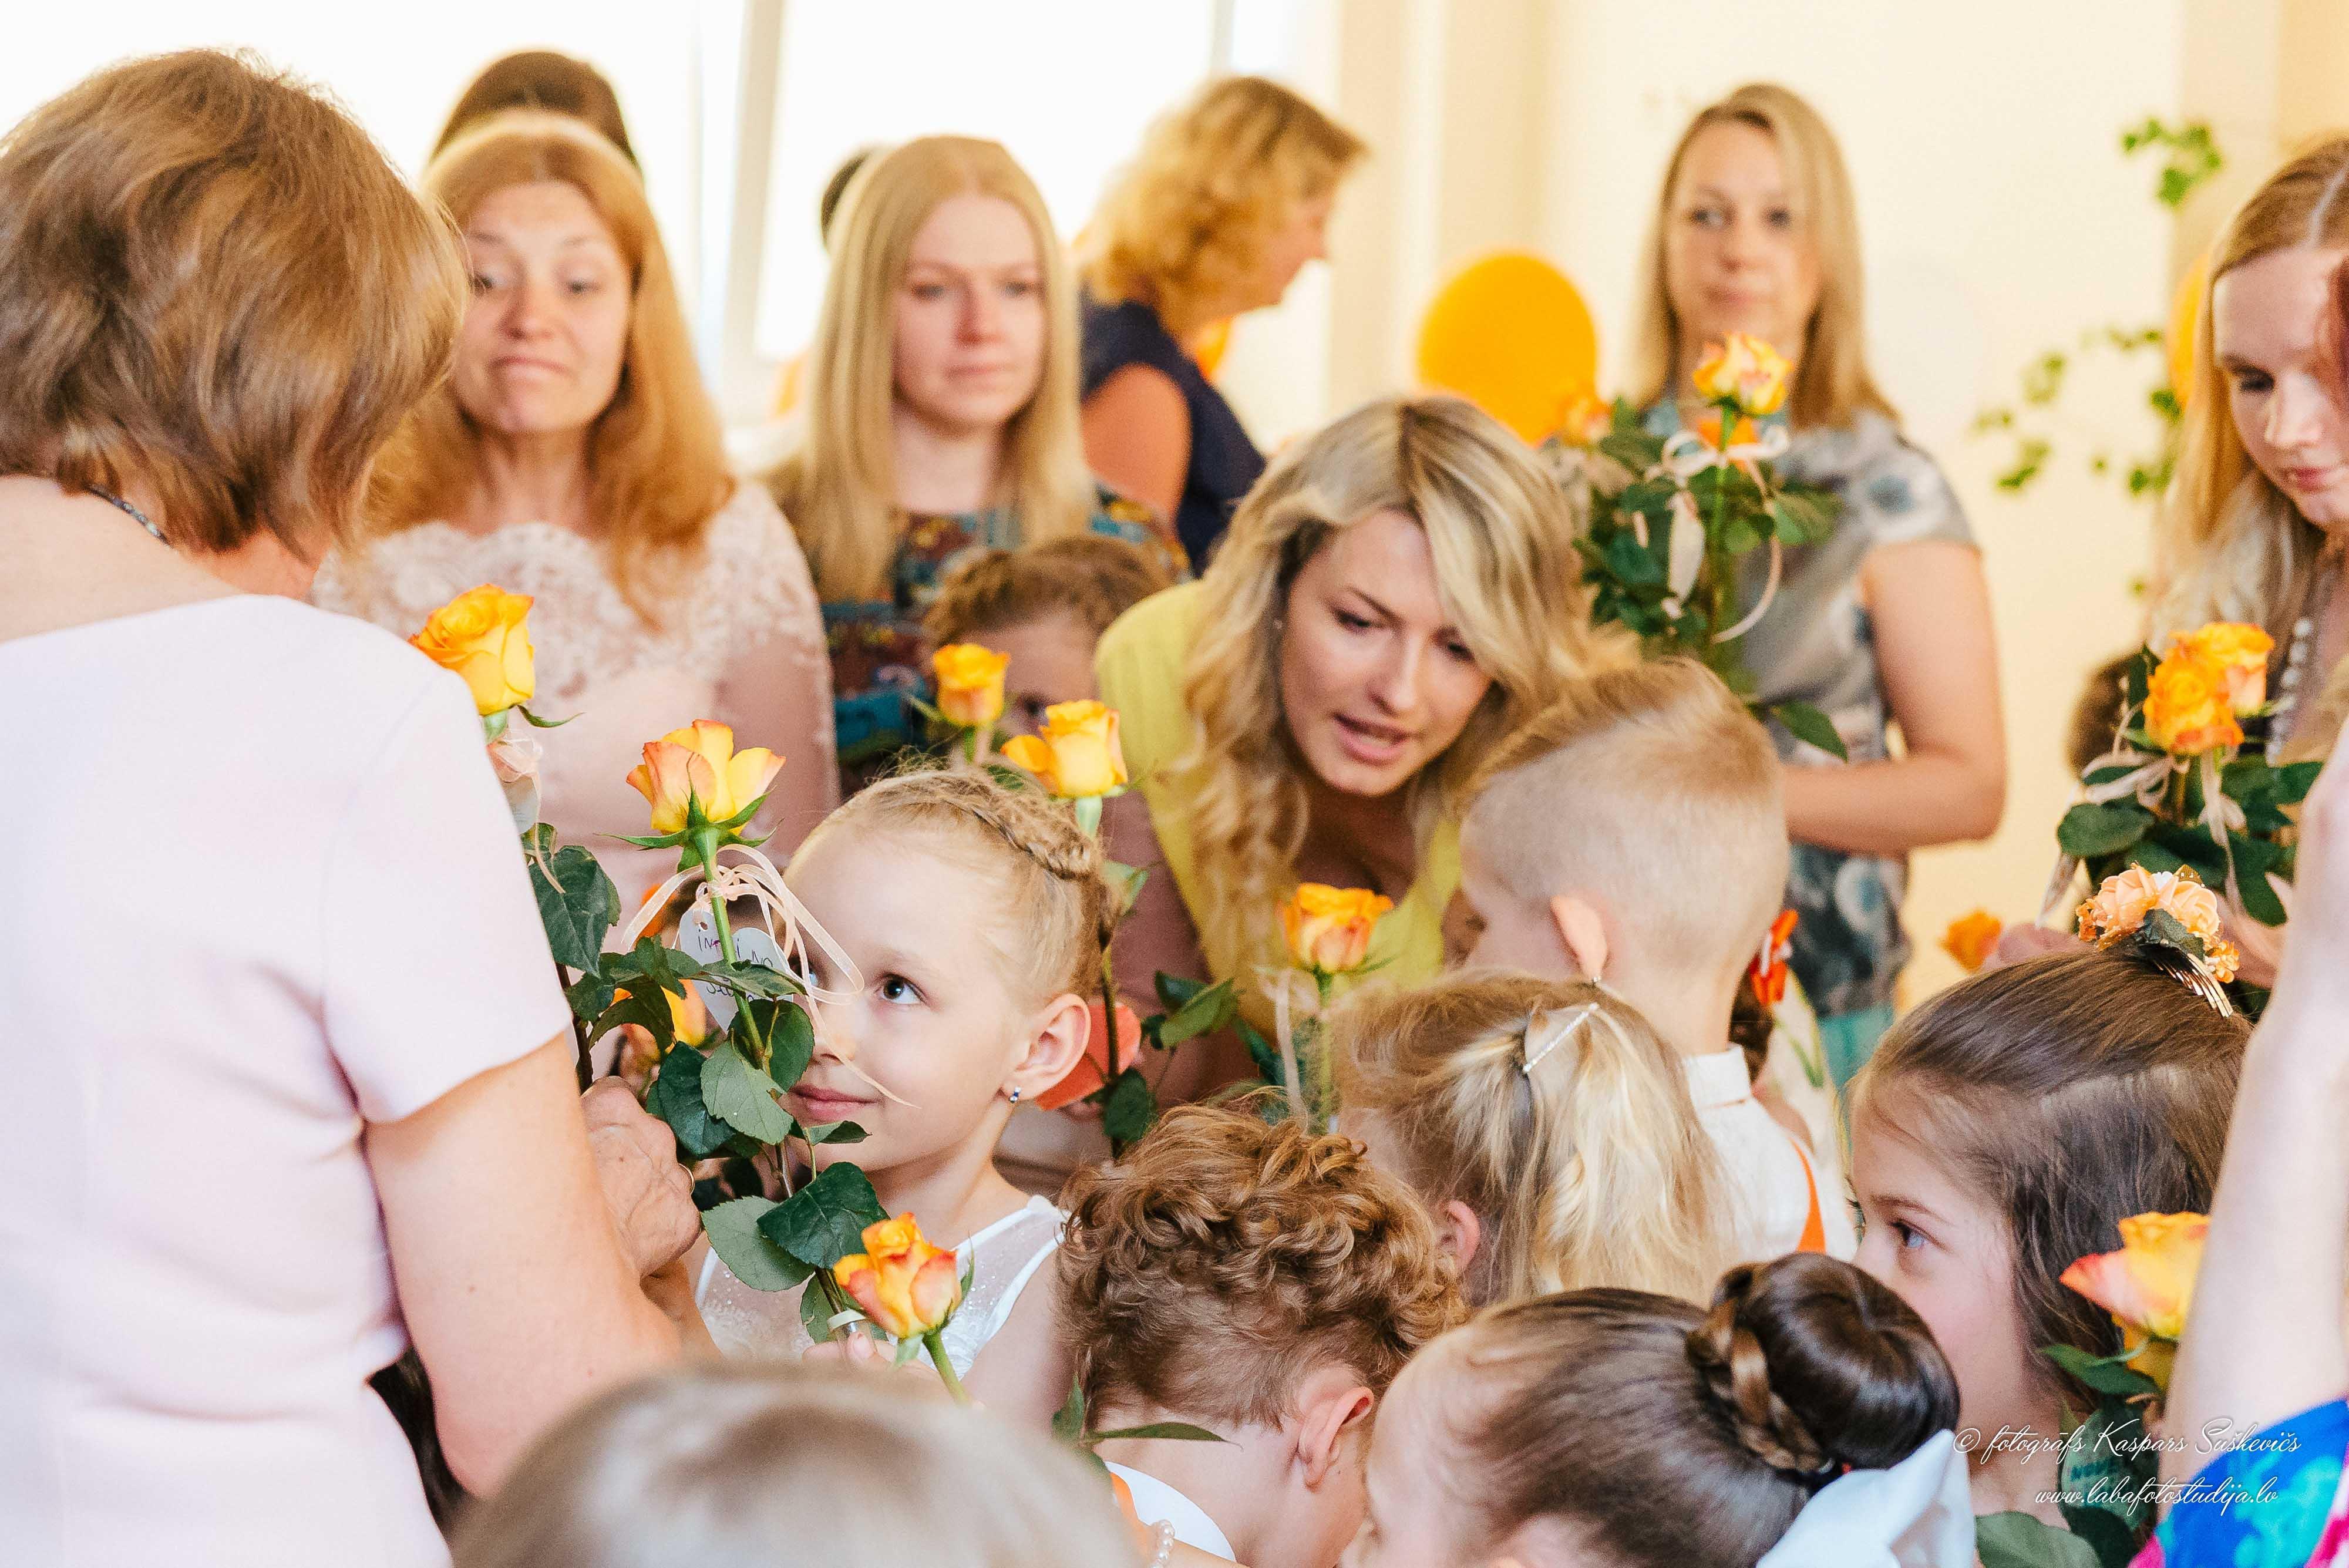 Svētku, kristību, izlaidumu fotogrāfs Kaspars Suškevičs, www.labafotostudija.lv